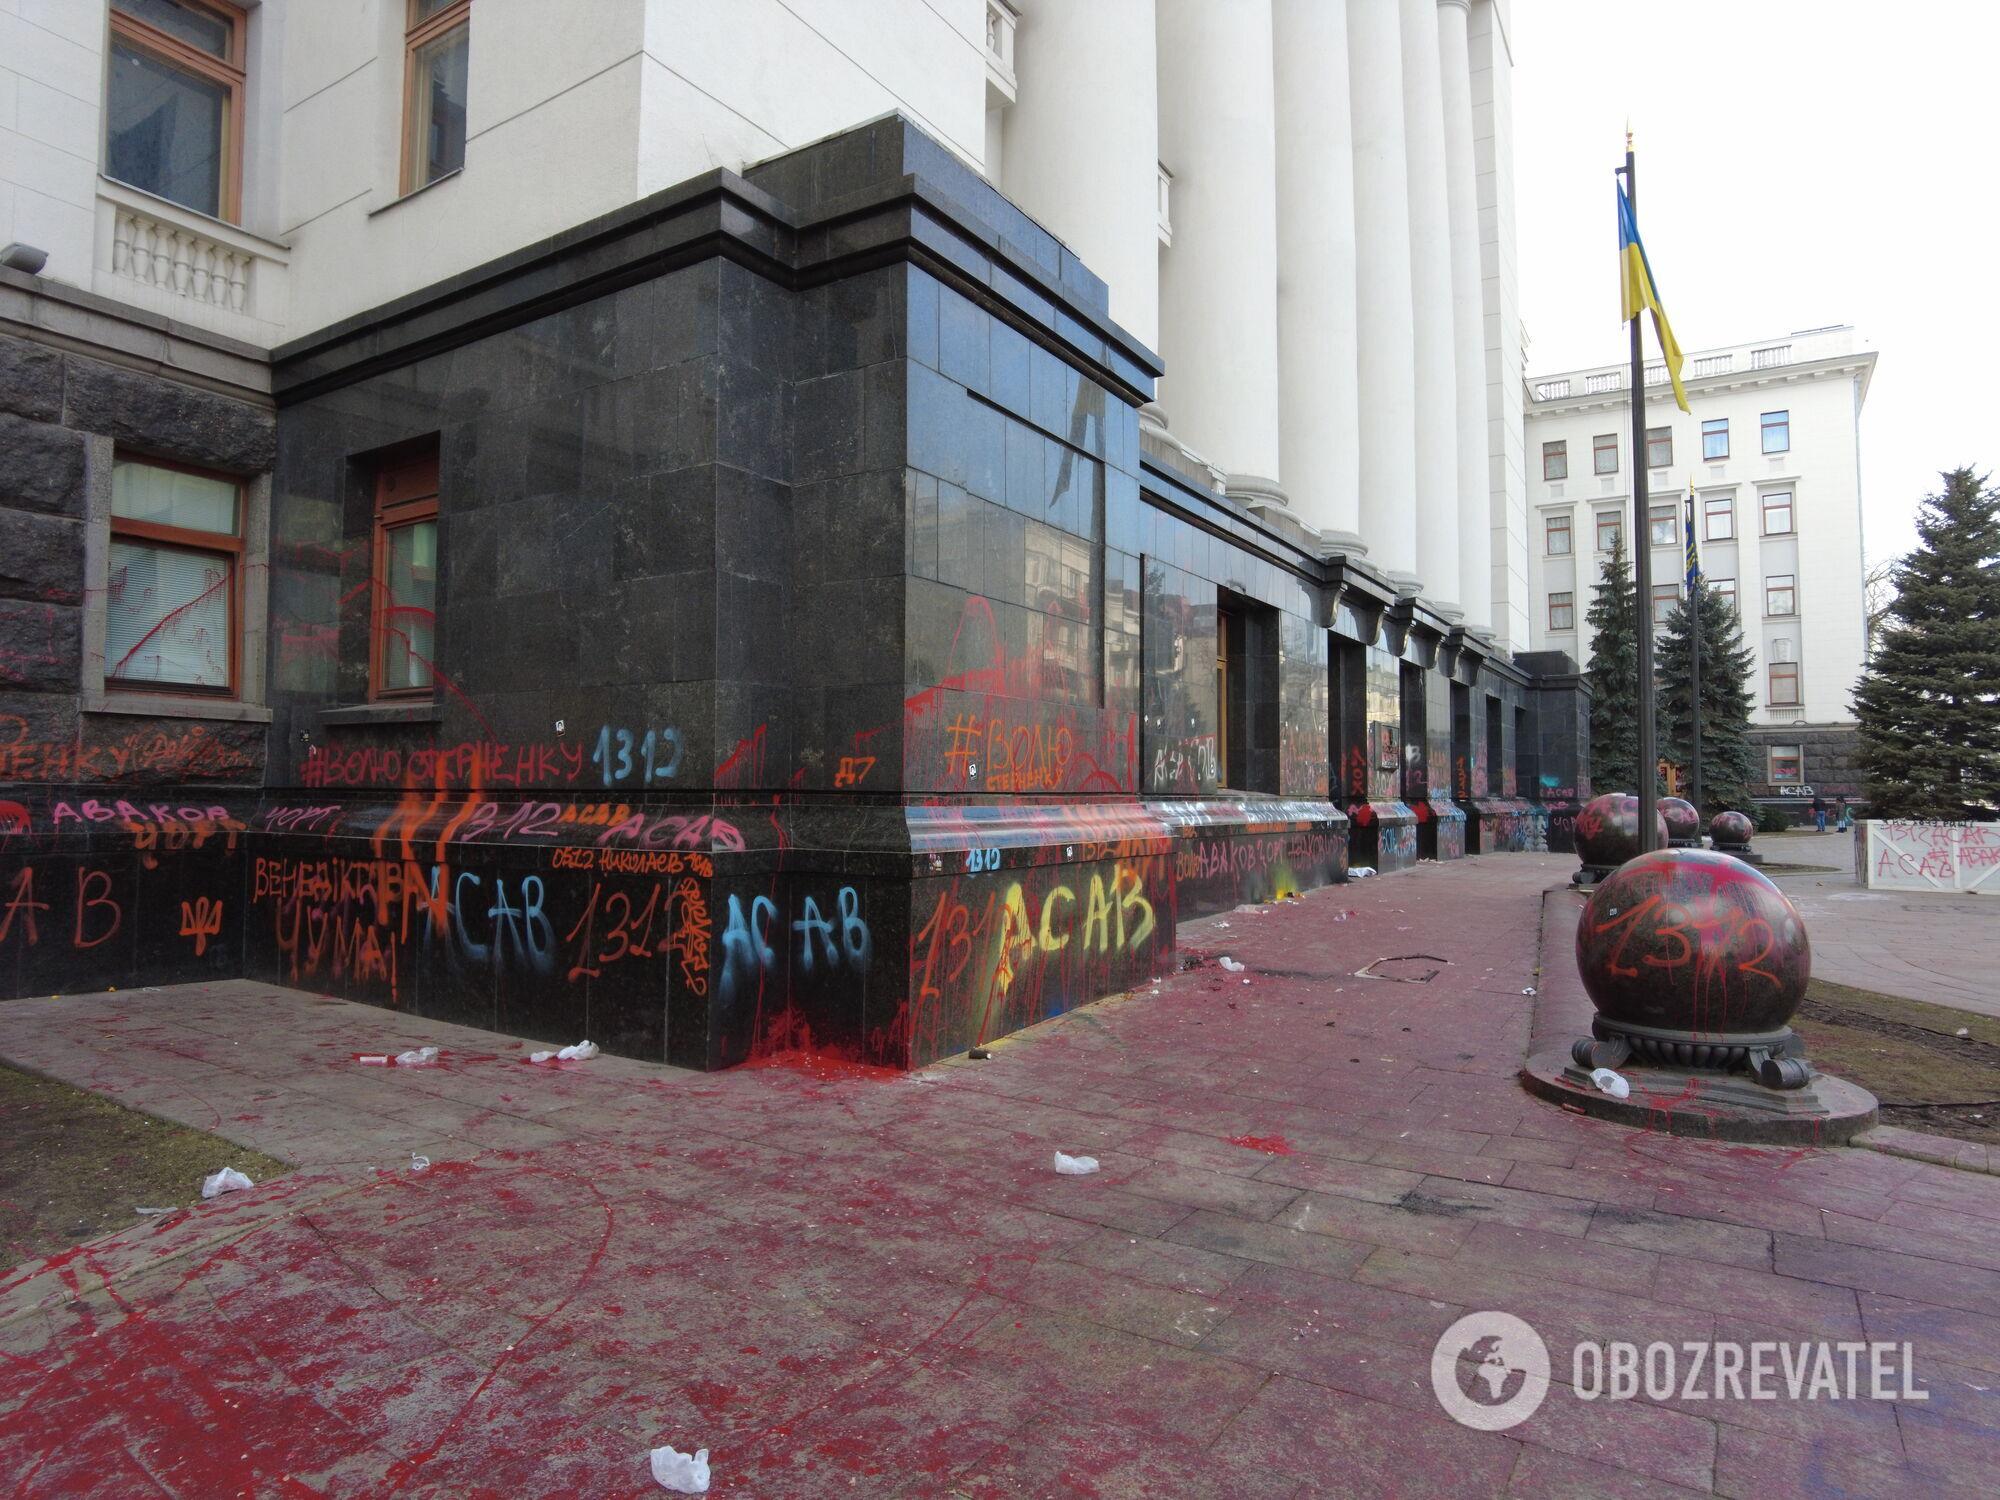 Чим можуть закінчитися погроми на Банковій, або В чому різниця між майданами і подіями на Донбасі